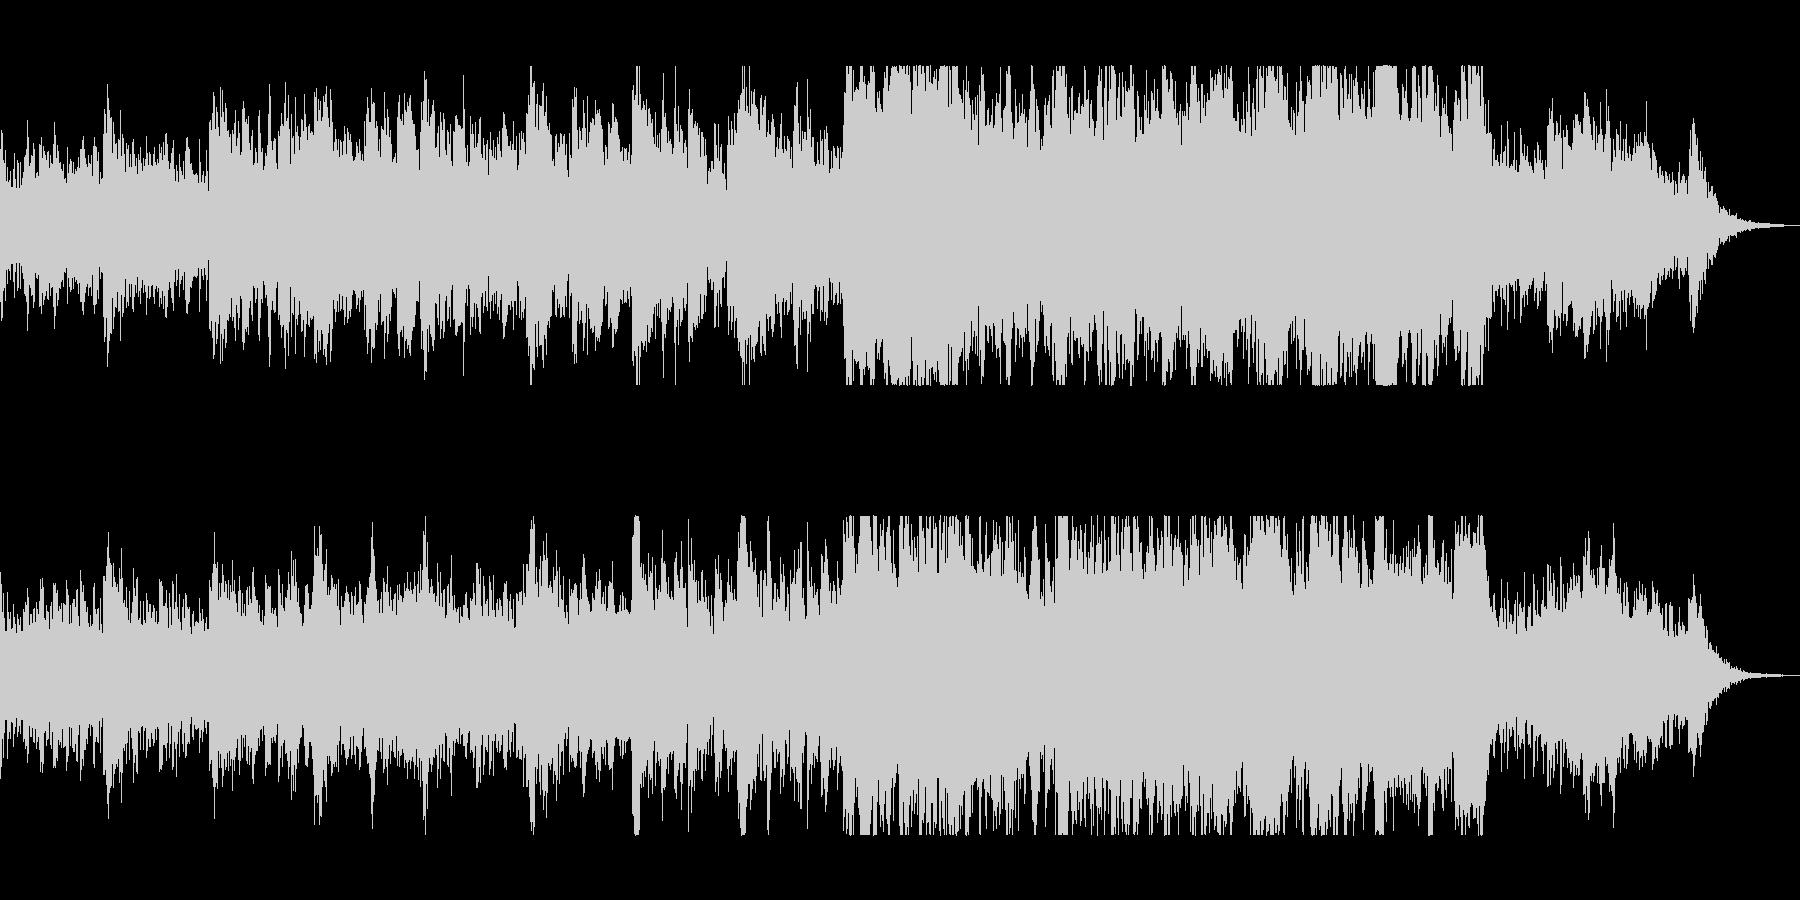 電子オーケストラの壮大サウンドトラックの未再生の波形